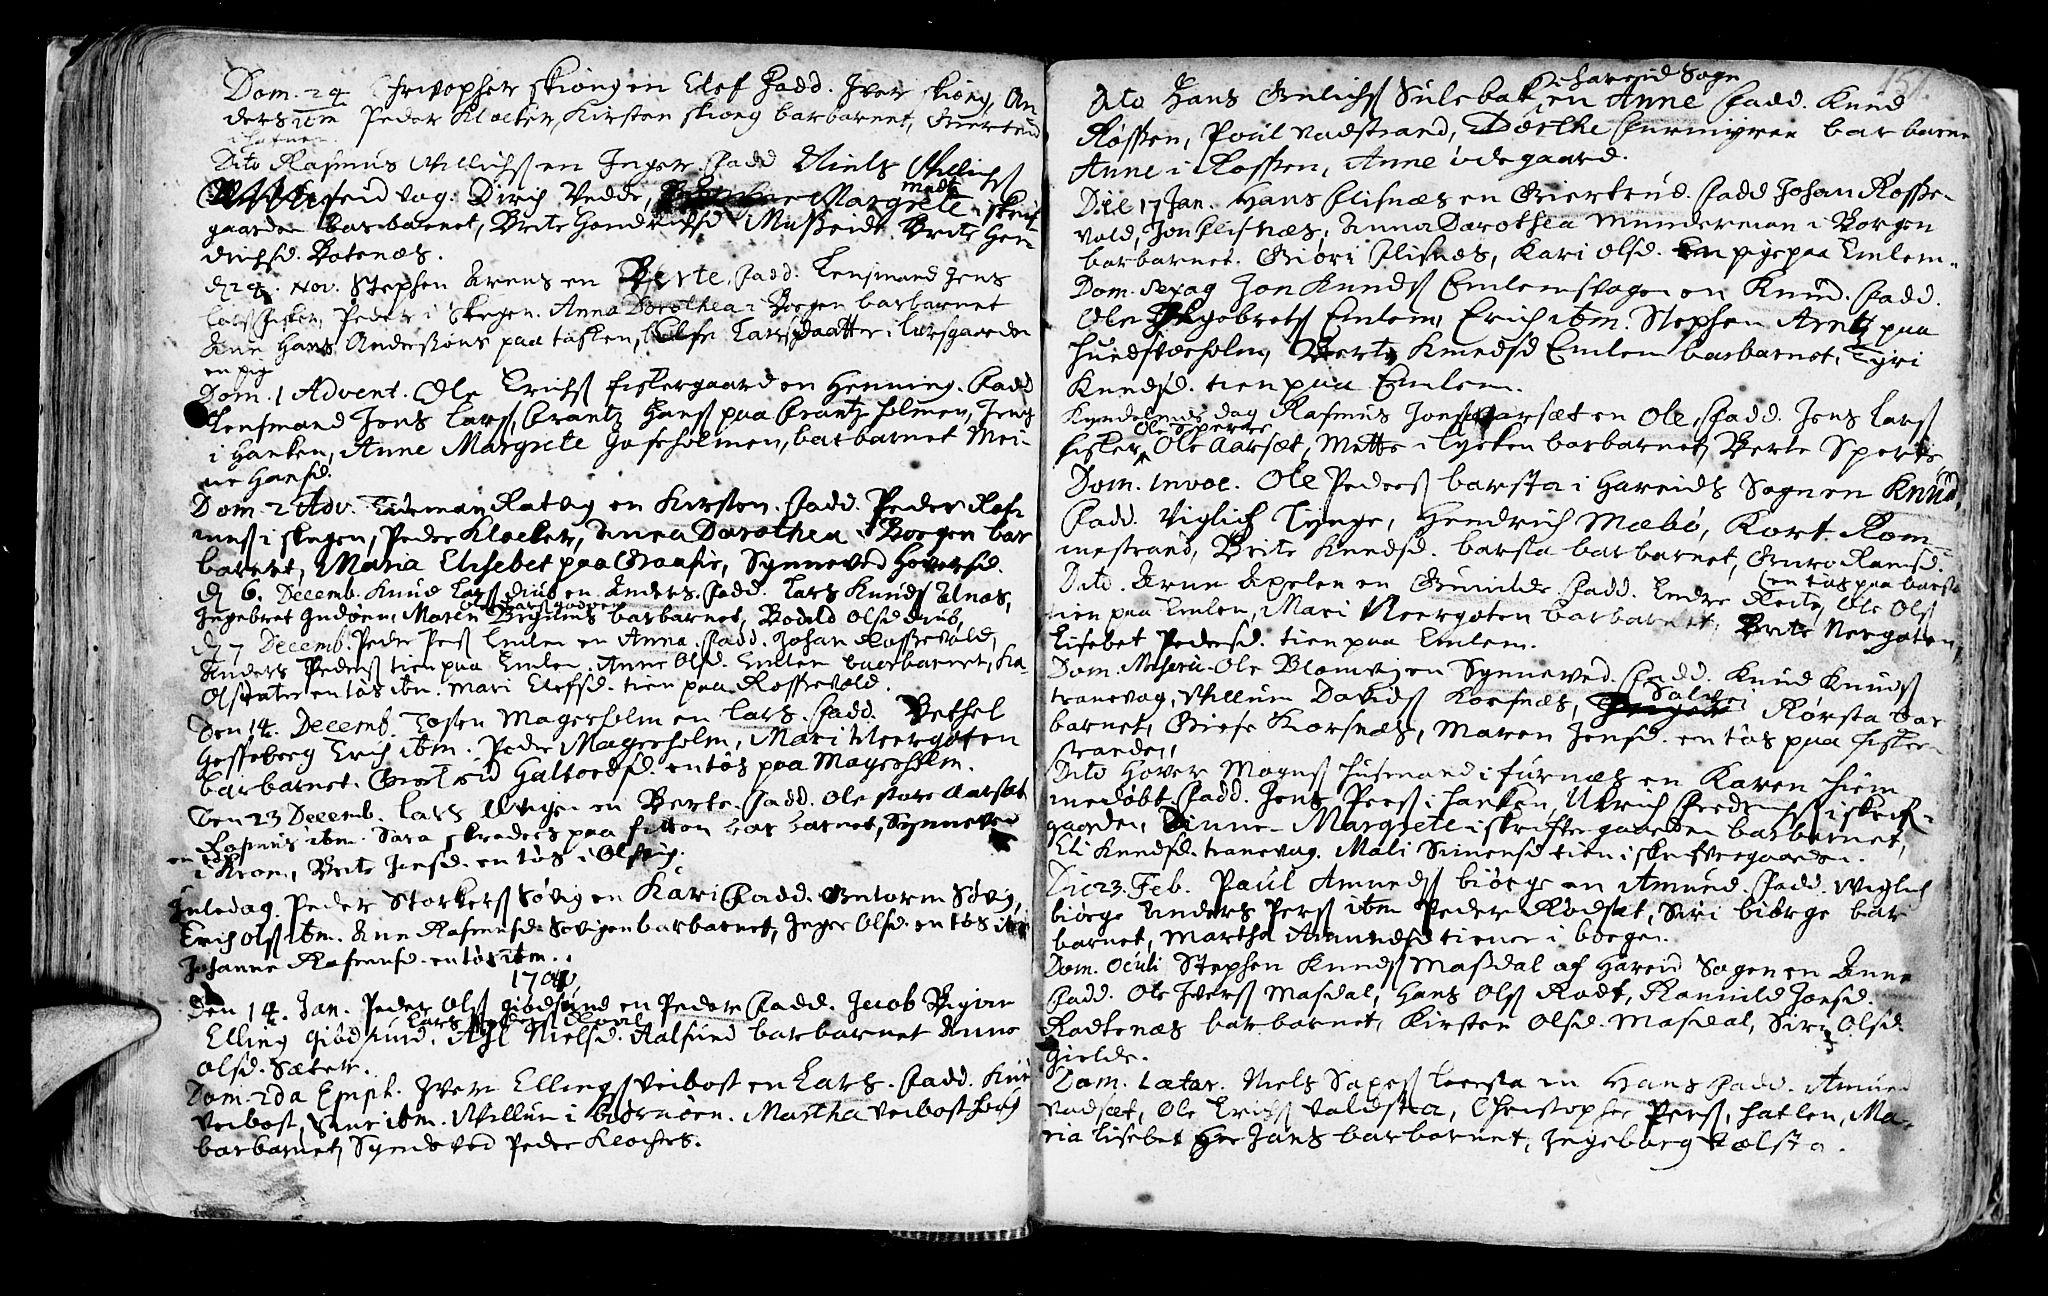 SAT, Ministerialprotokoller, klokkerbøker og fødselsregistre - Møre og Romsdal, 528/L0390: Ministerialbok nr. 528A01, 1698-1739, s. 150-151